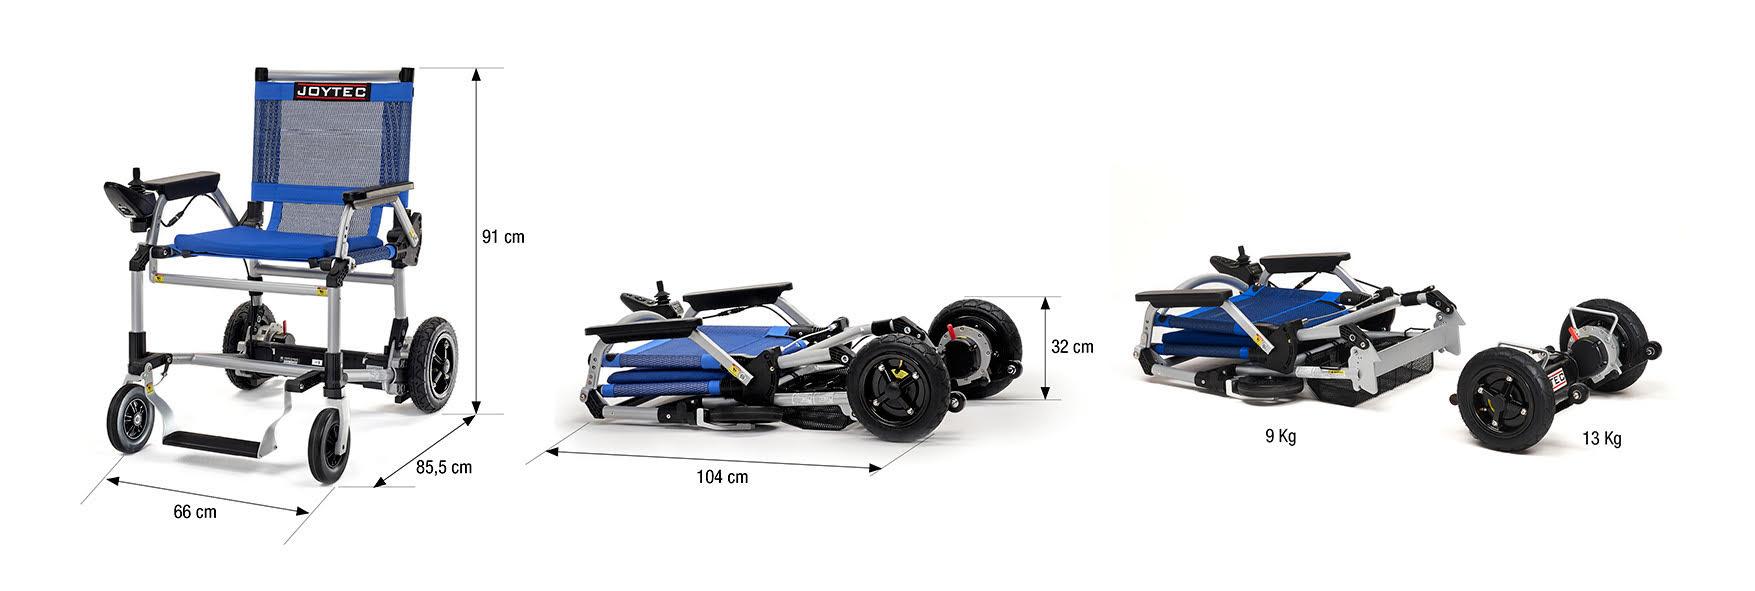 Joytec Pro, a cadeira de rodas elétrica dobrável